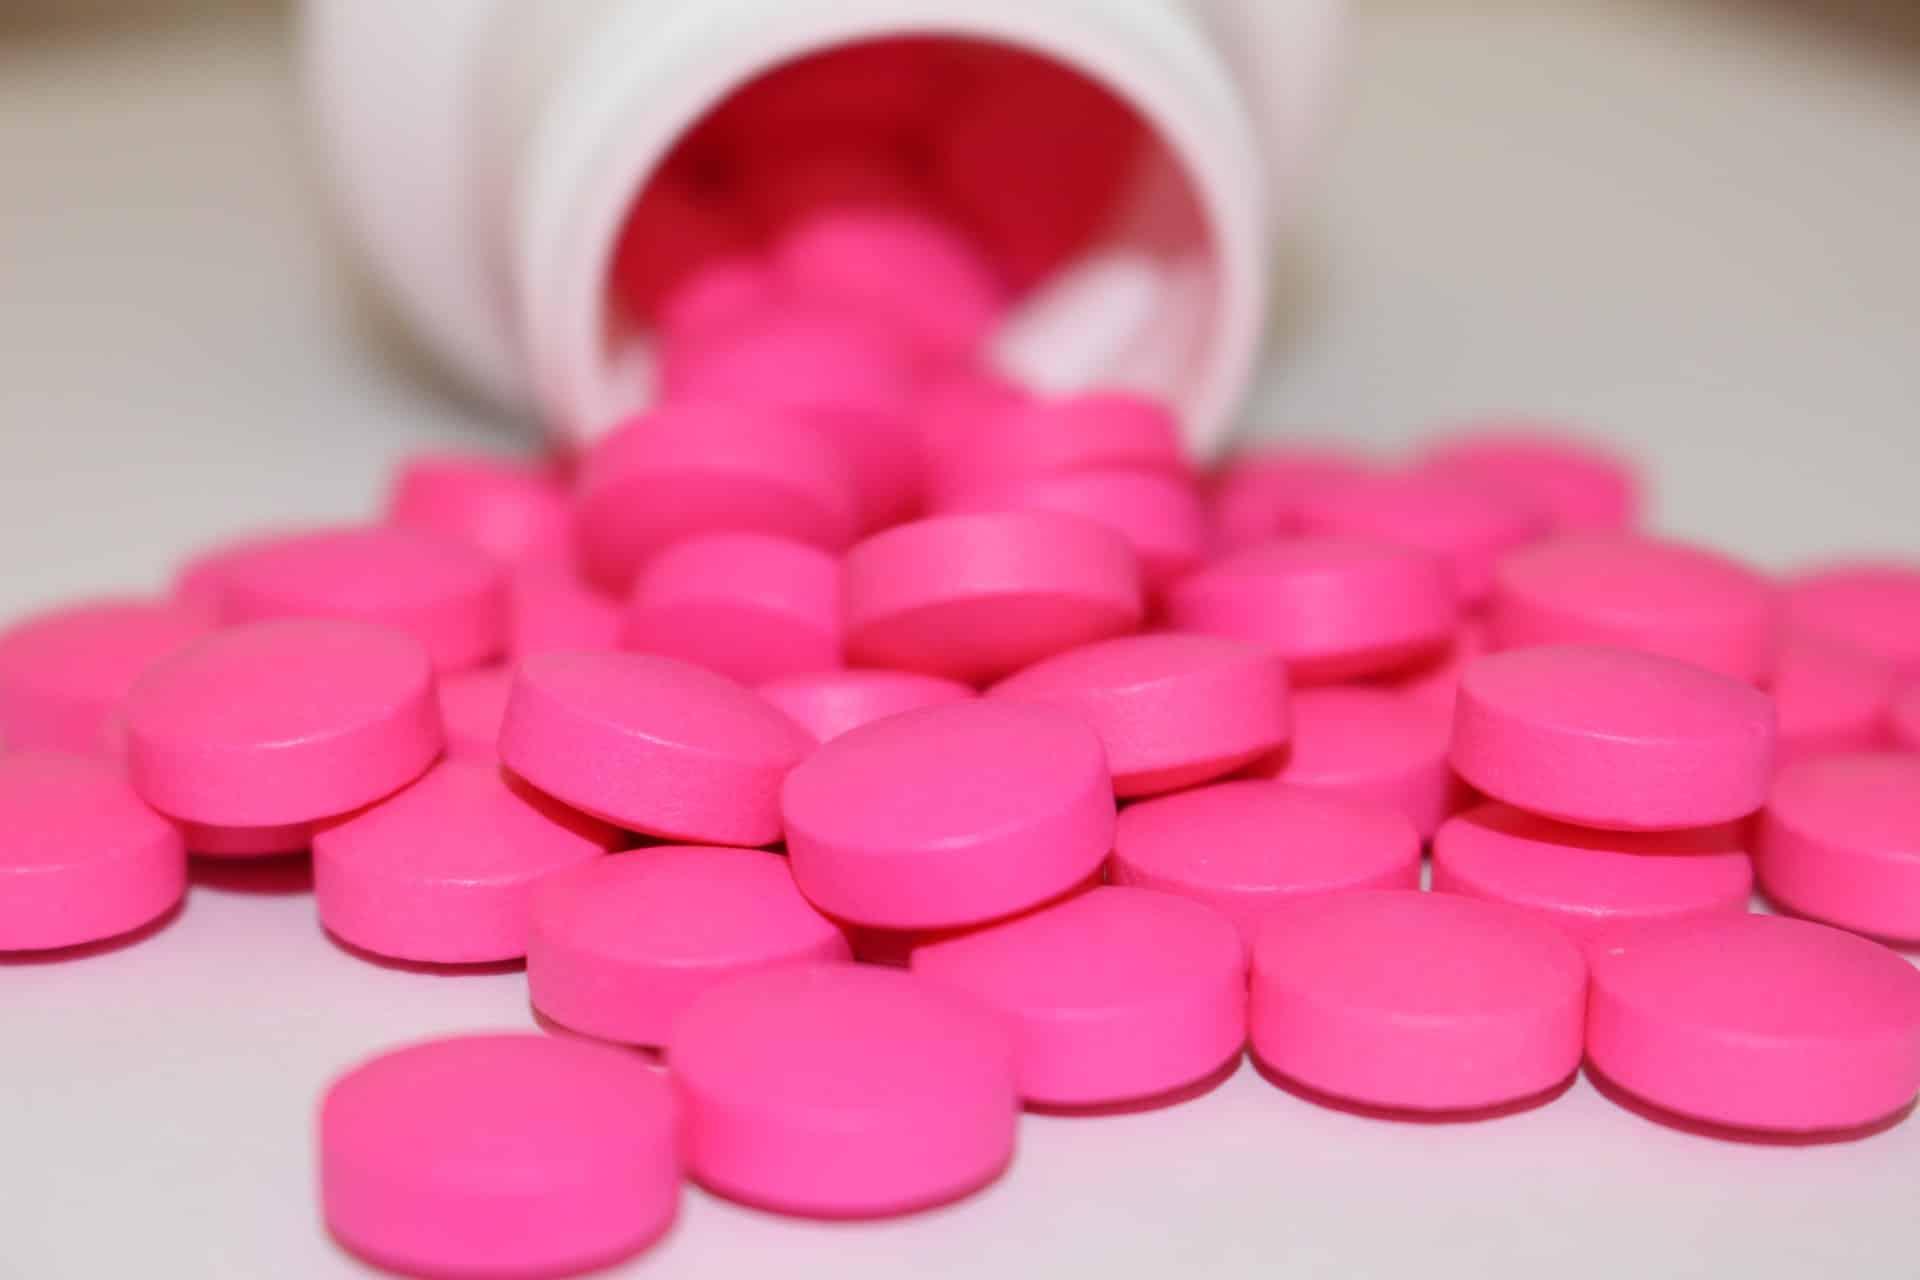 Fotografia de um remédio de lombrigas, o lombrigueiro